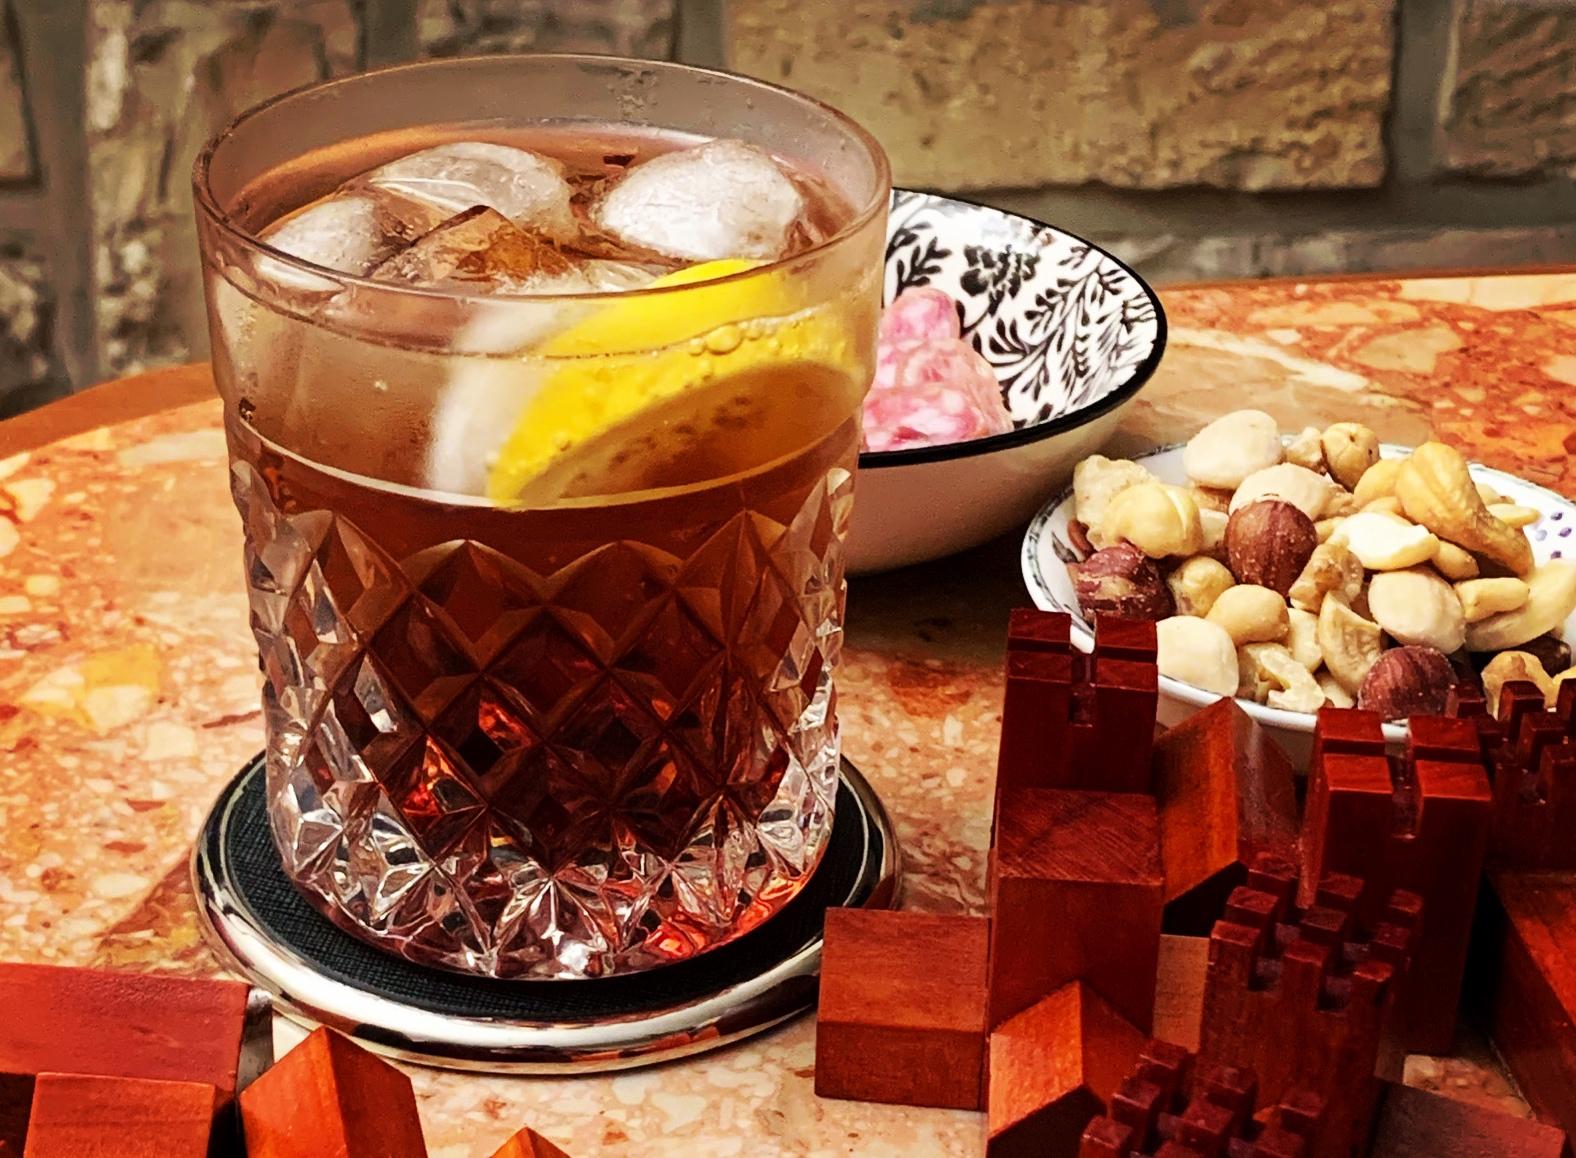 Non-alcoholic vermouth and soda